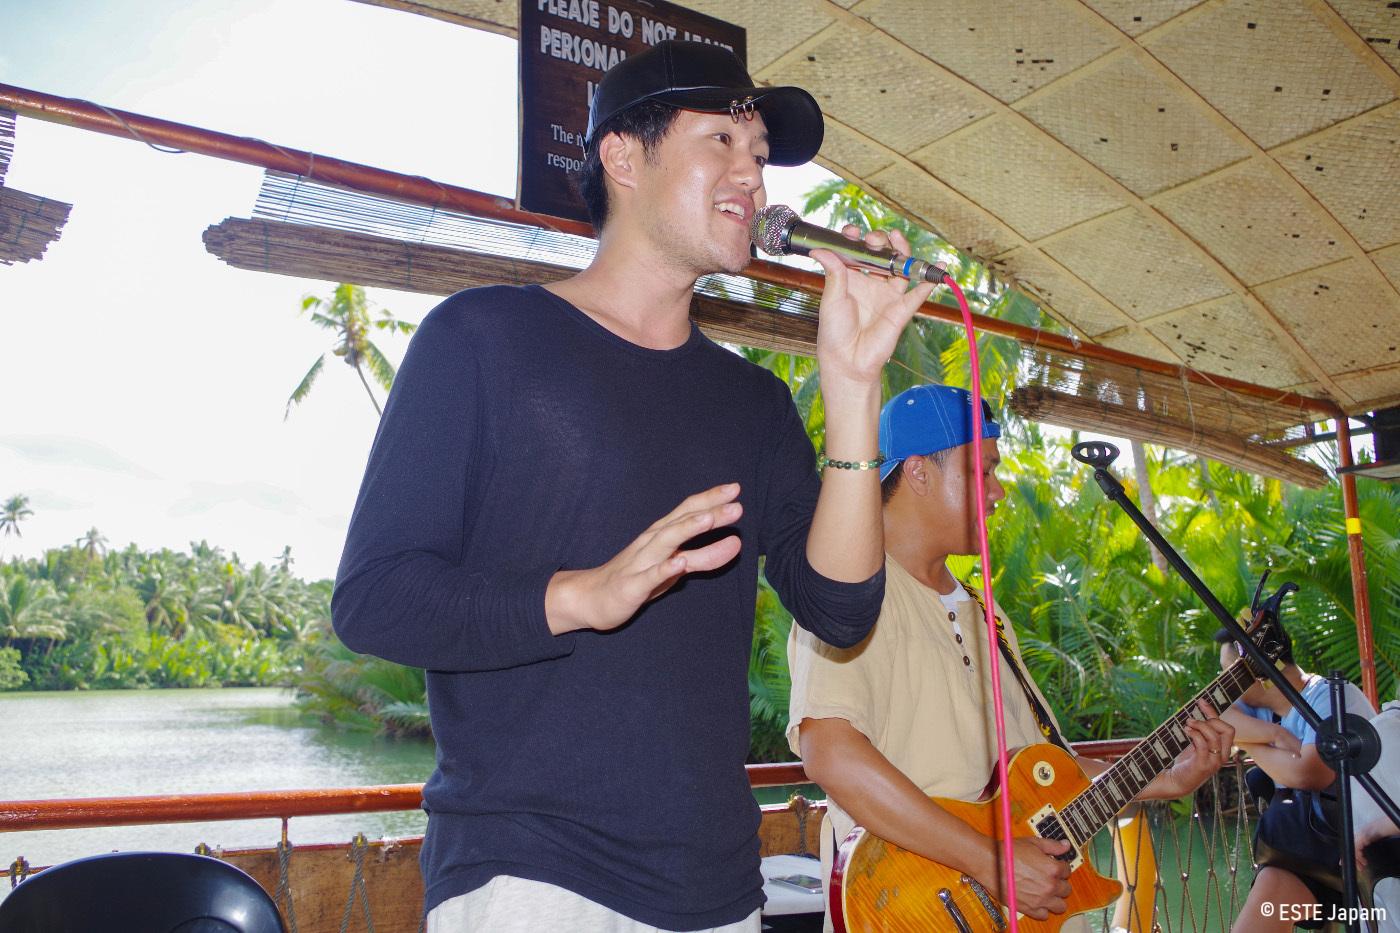 ボホール島ツアーで歌を歌う男性